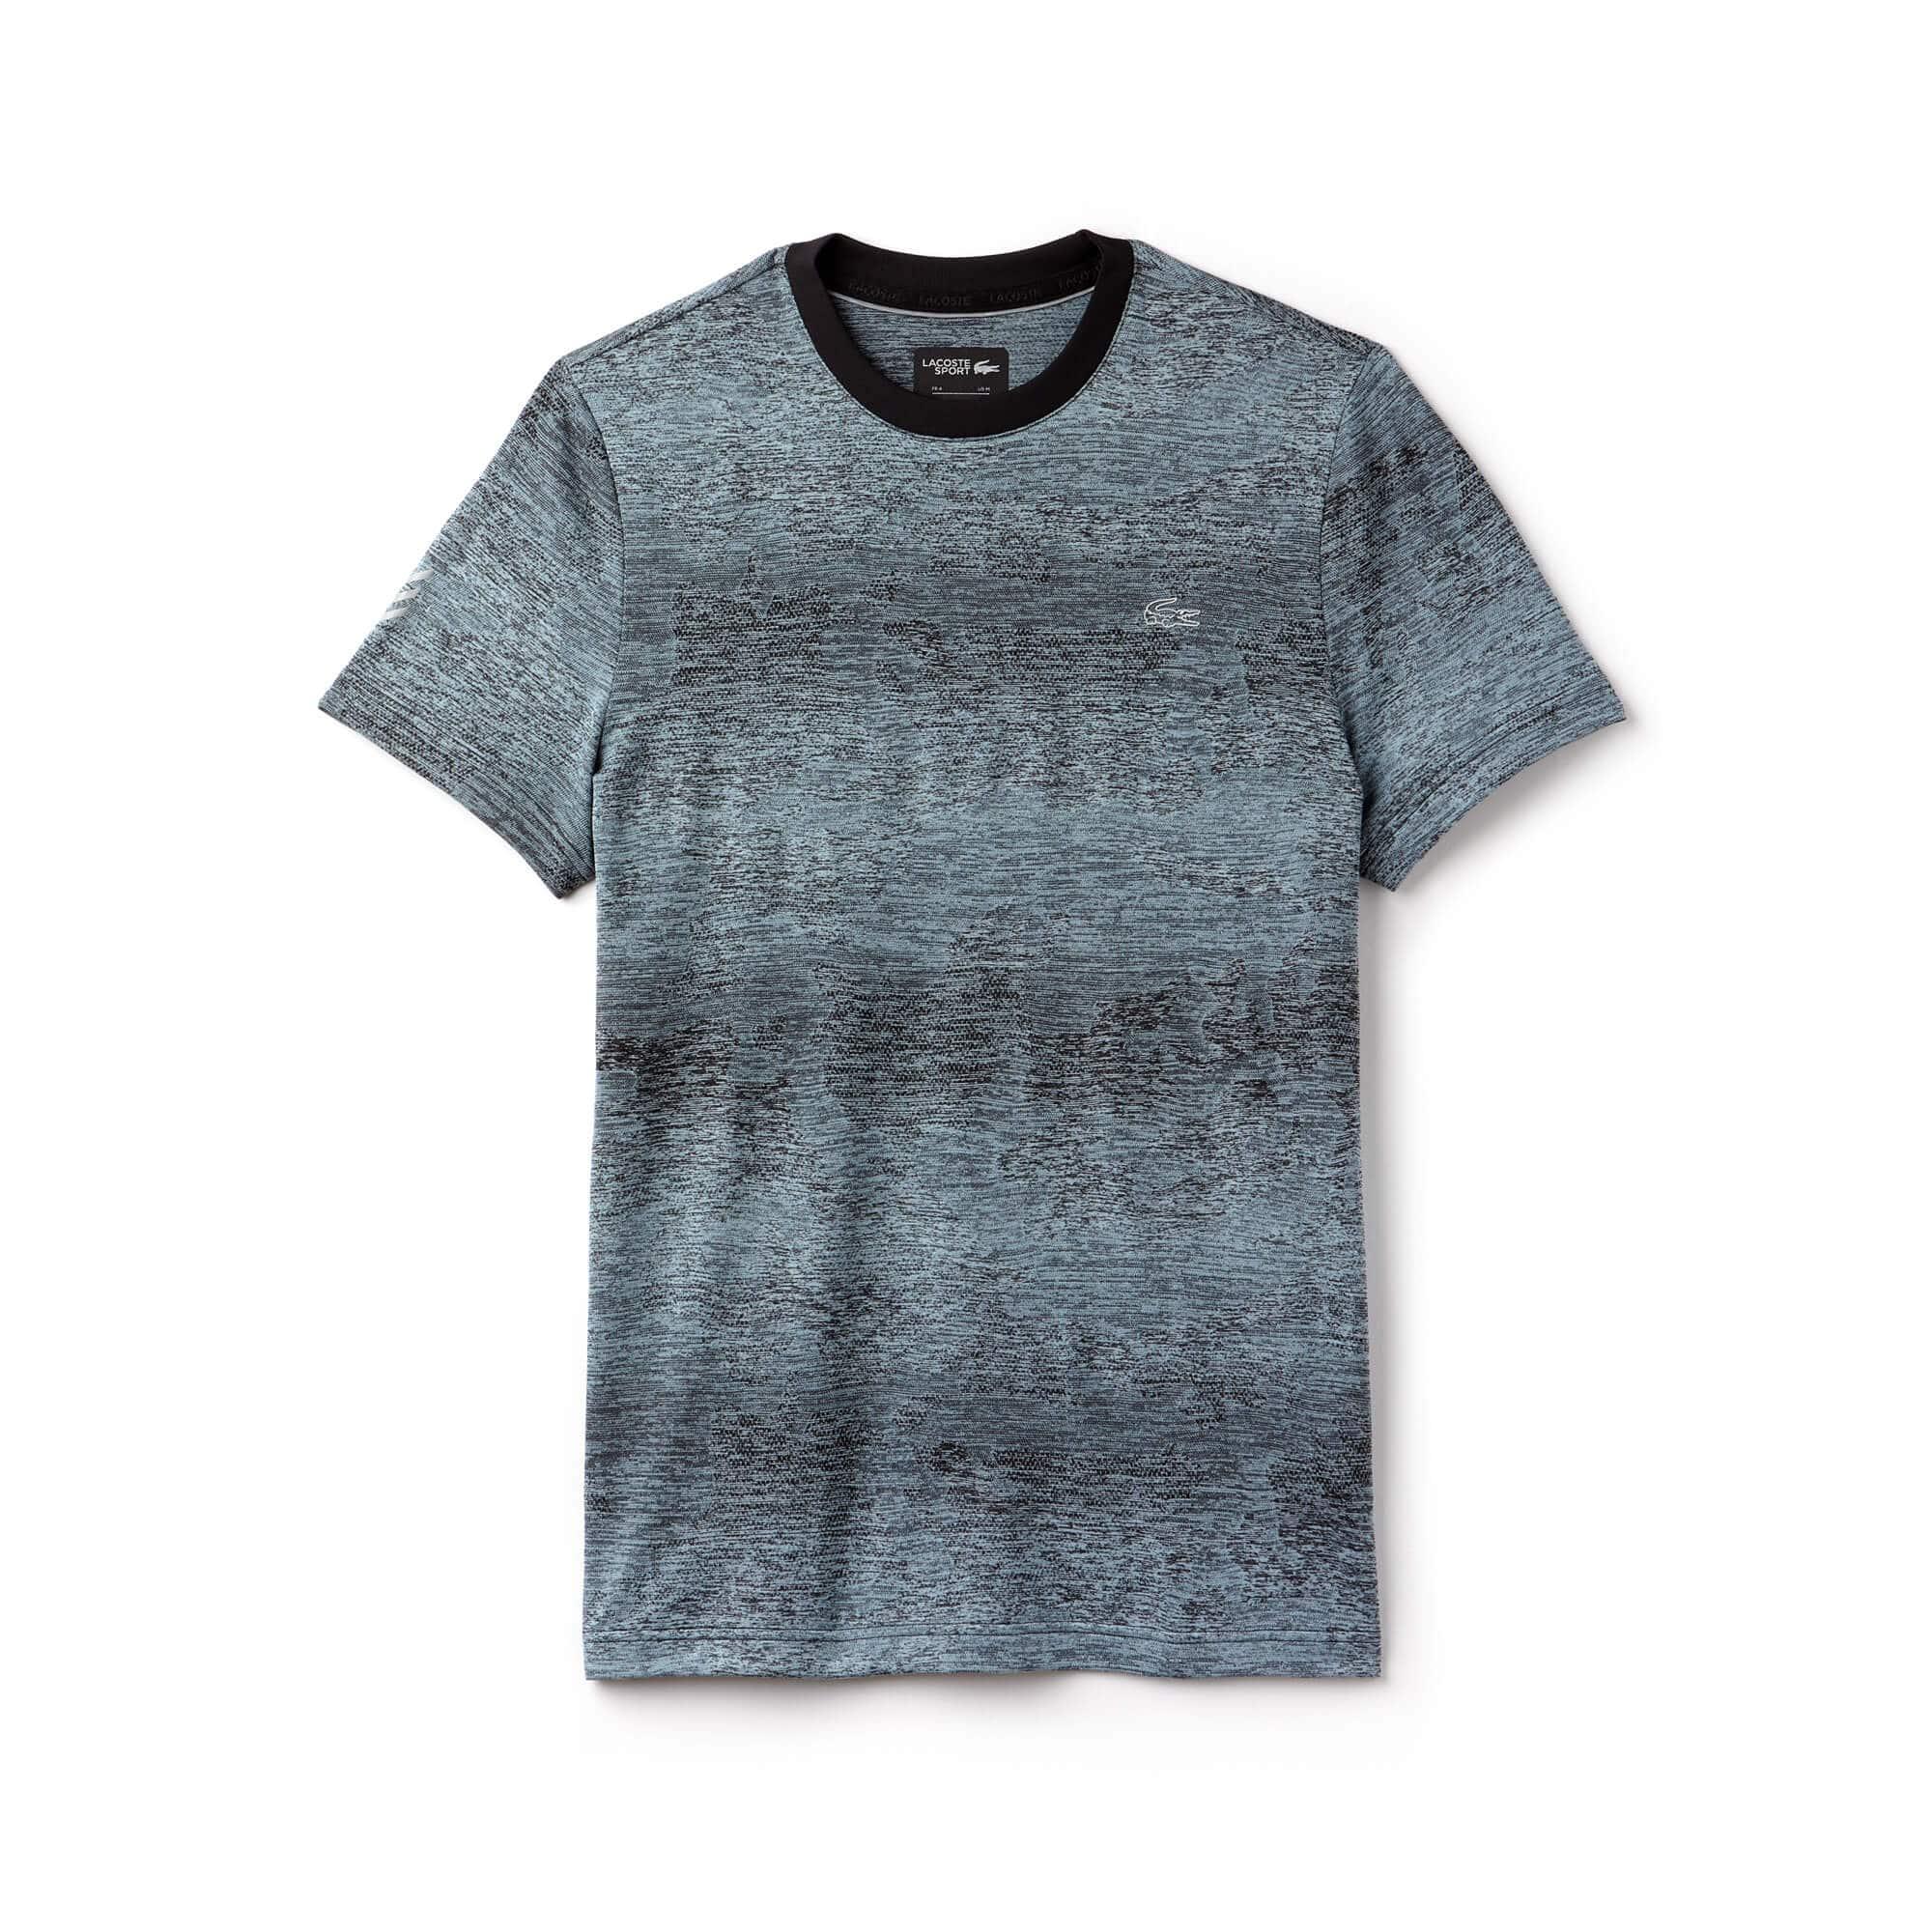 Men's Lacoste SPORT Print Technical Jersey Tennis T-shirt